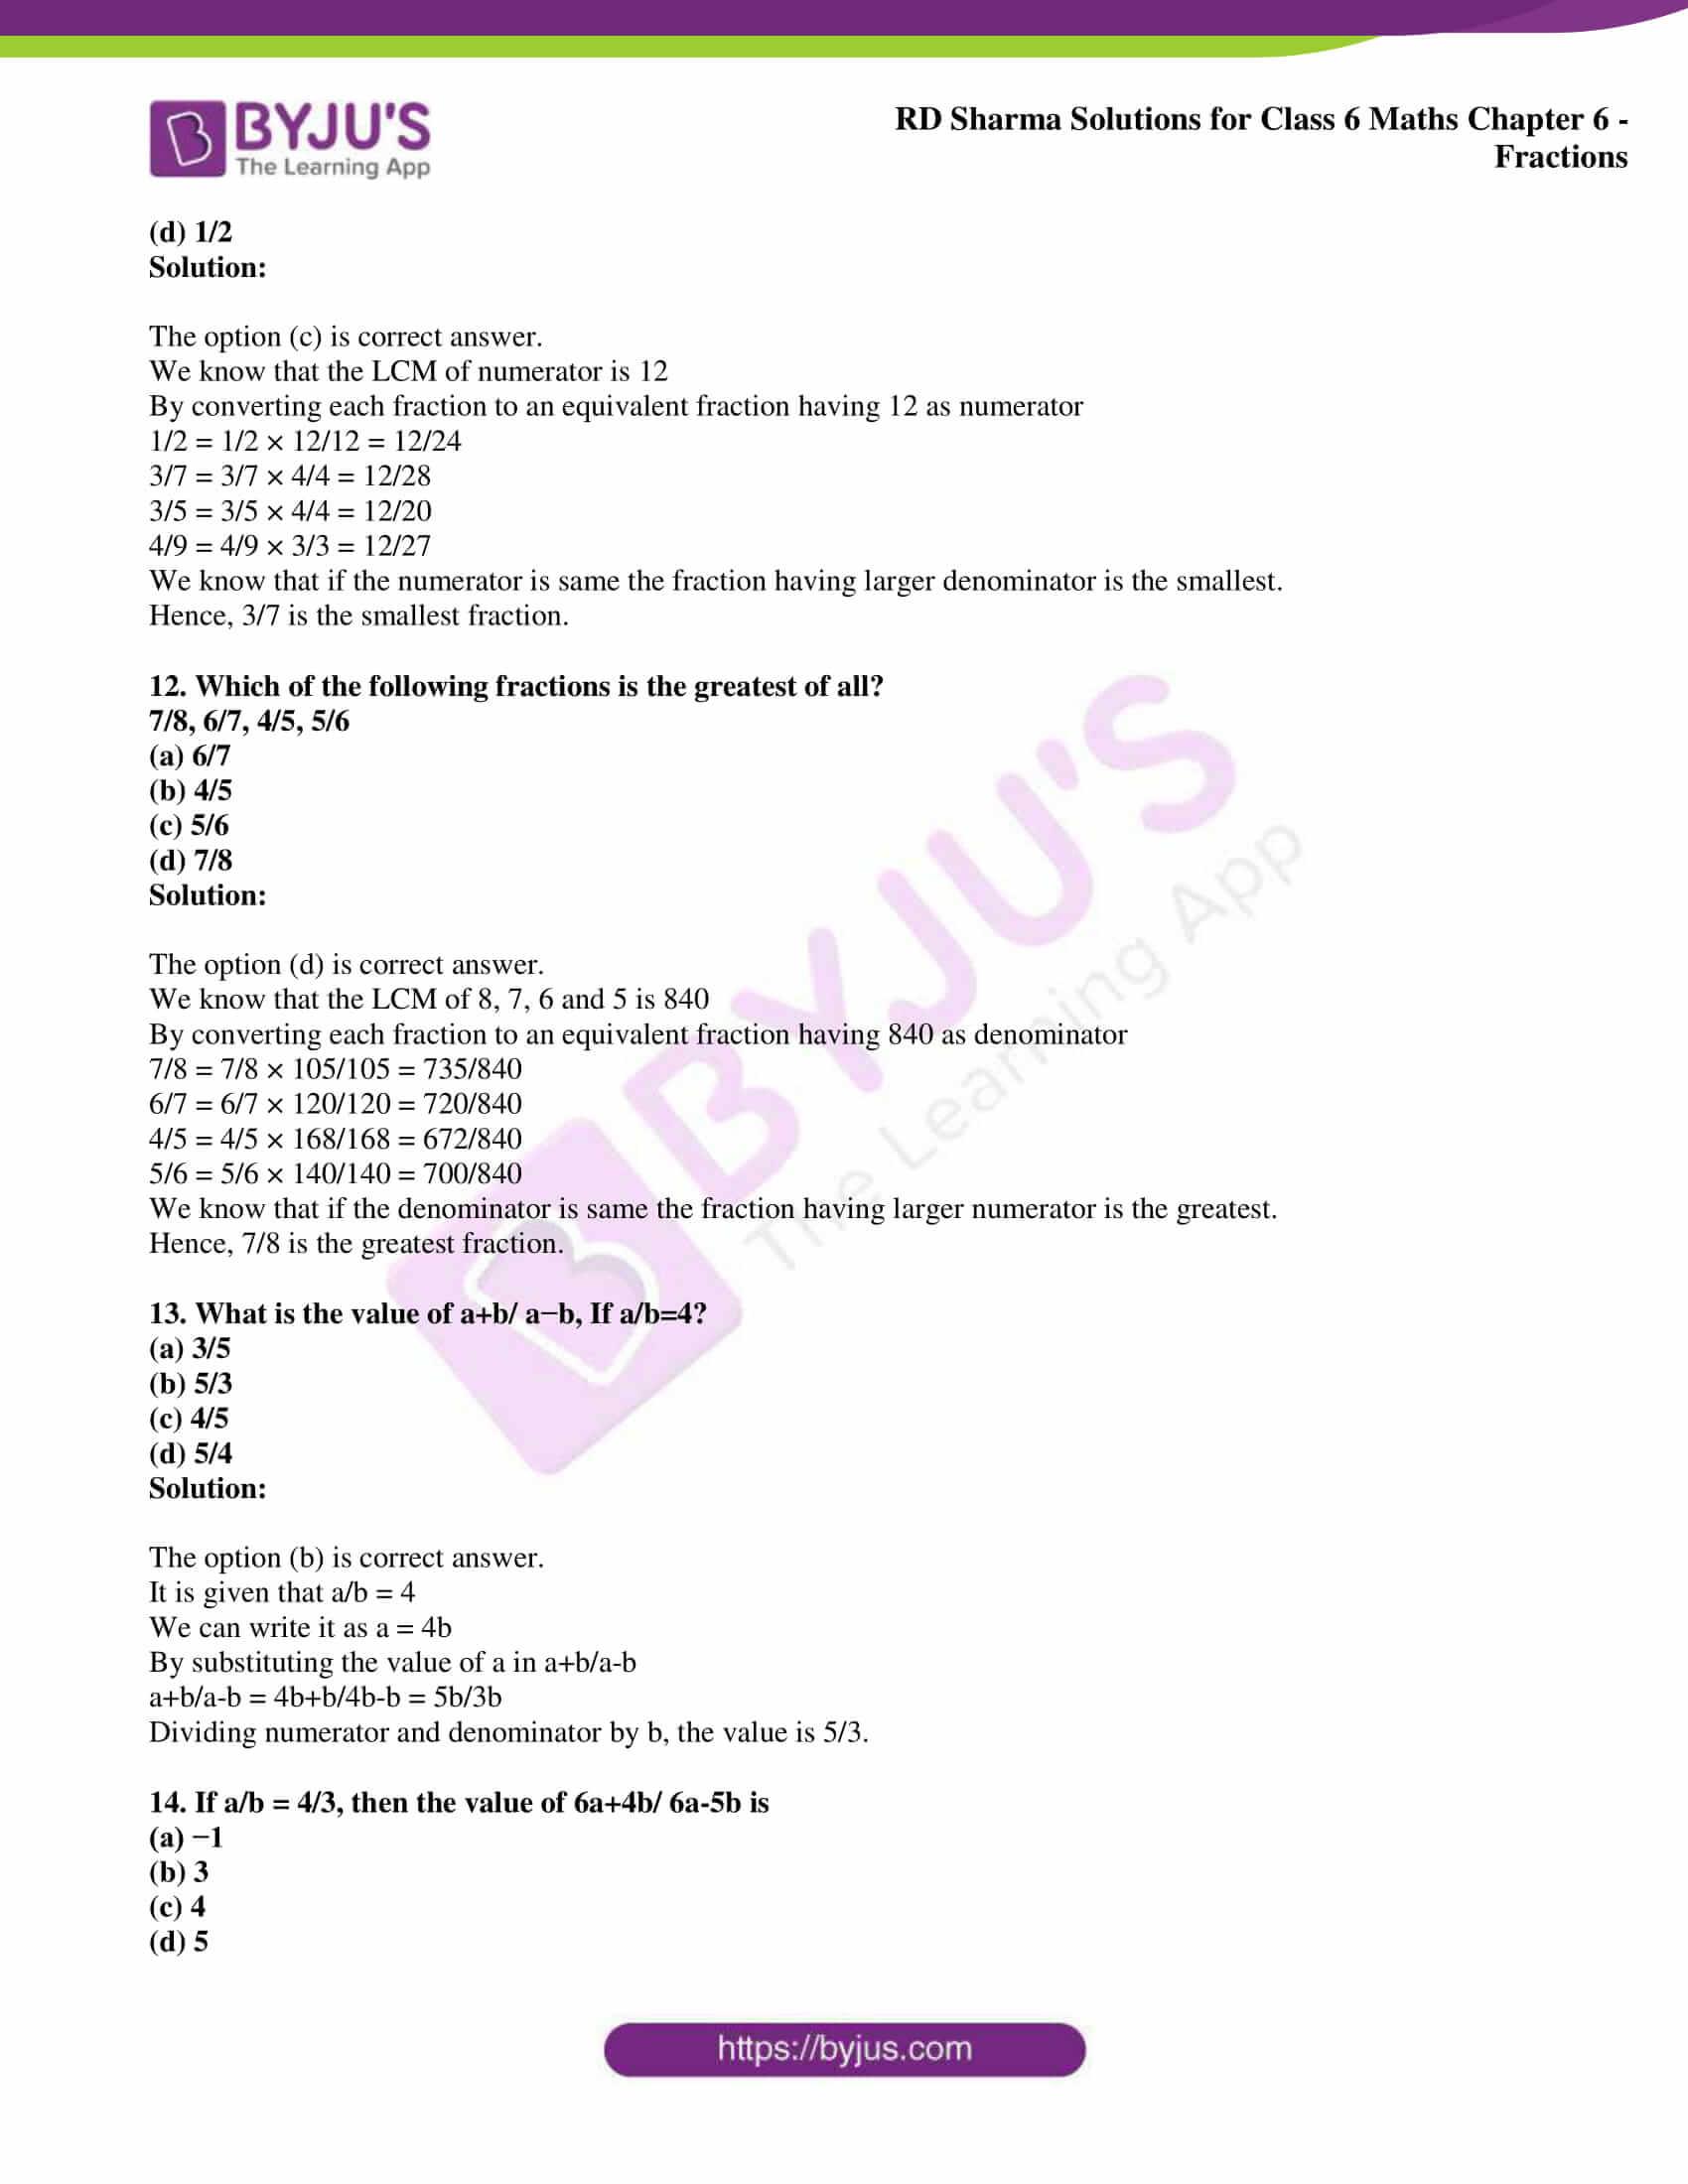 rd sharma class 6 maths solutions chapter 6 obj 4